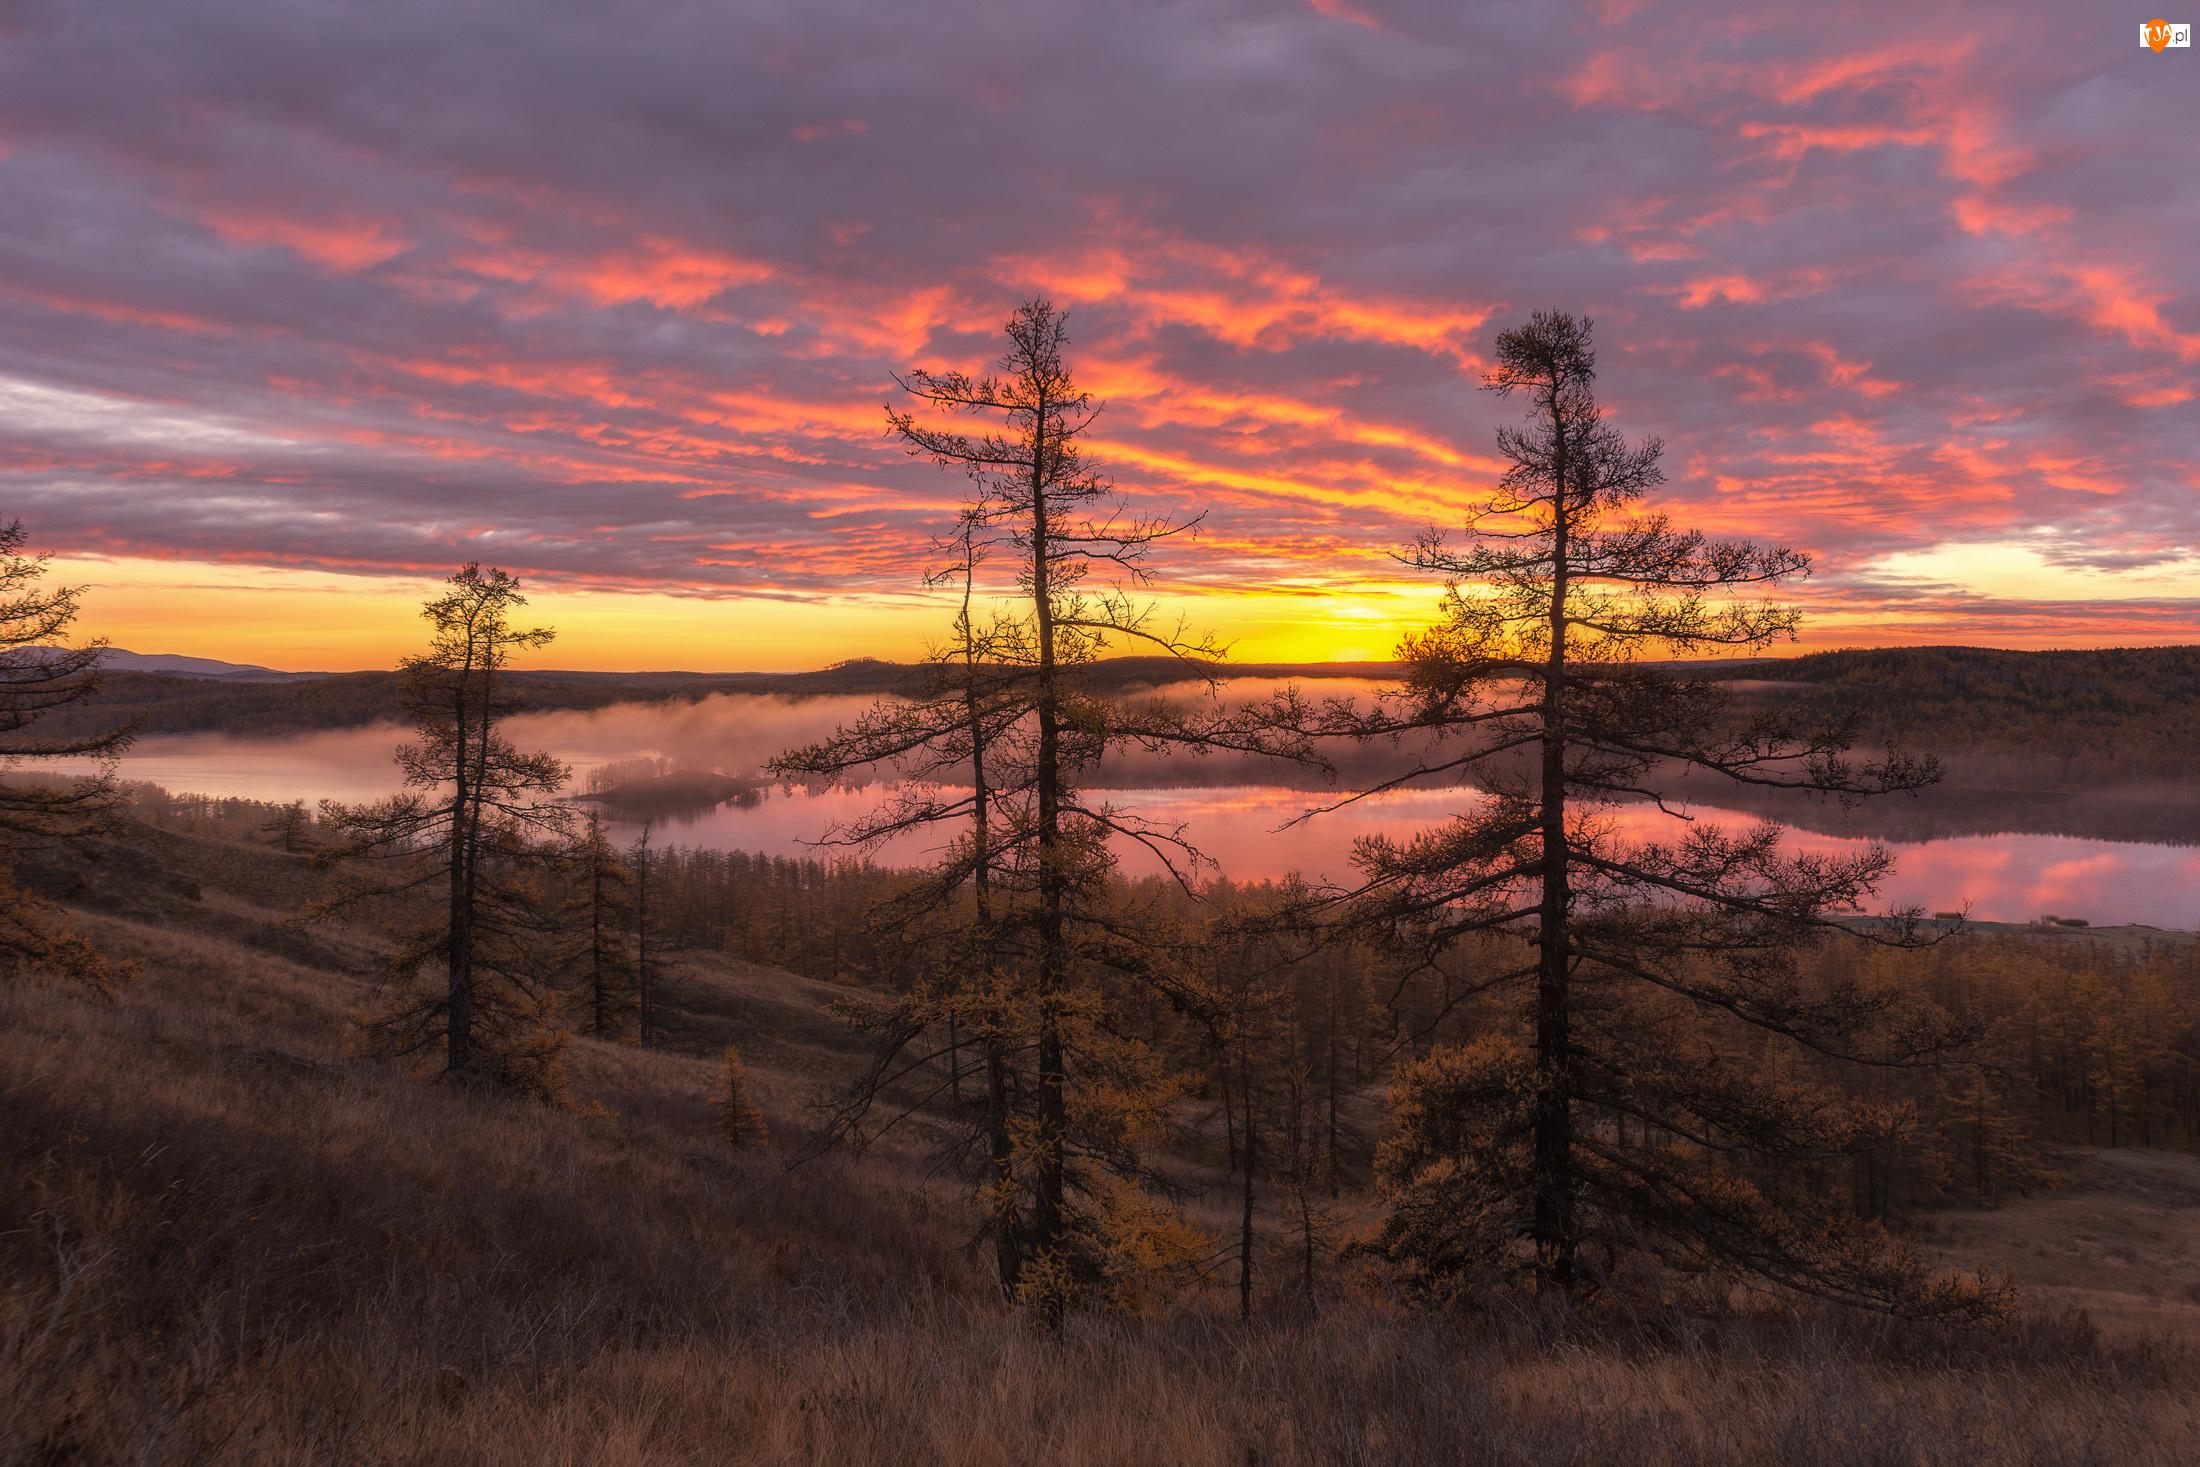 Drzewa, Wzgórza, Mgła, Chmury, Jezioro, Zachód słońca